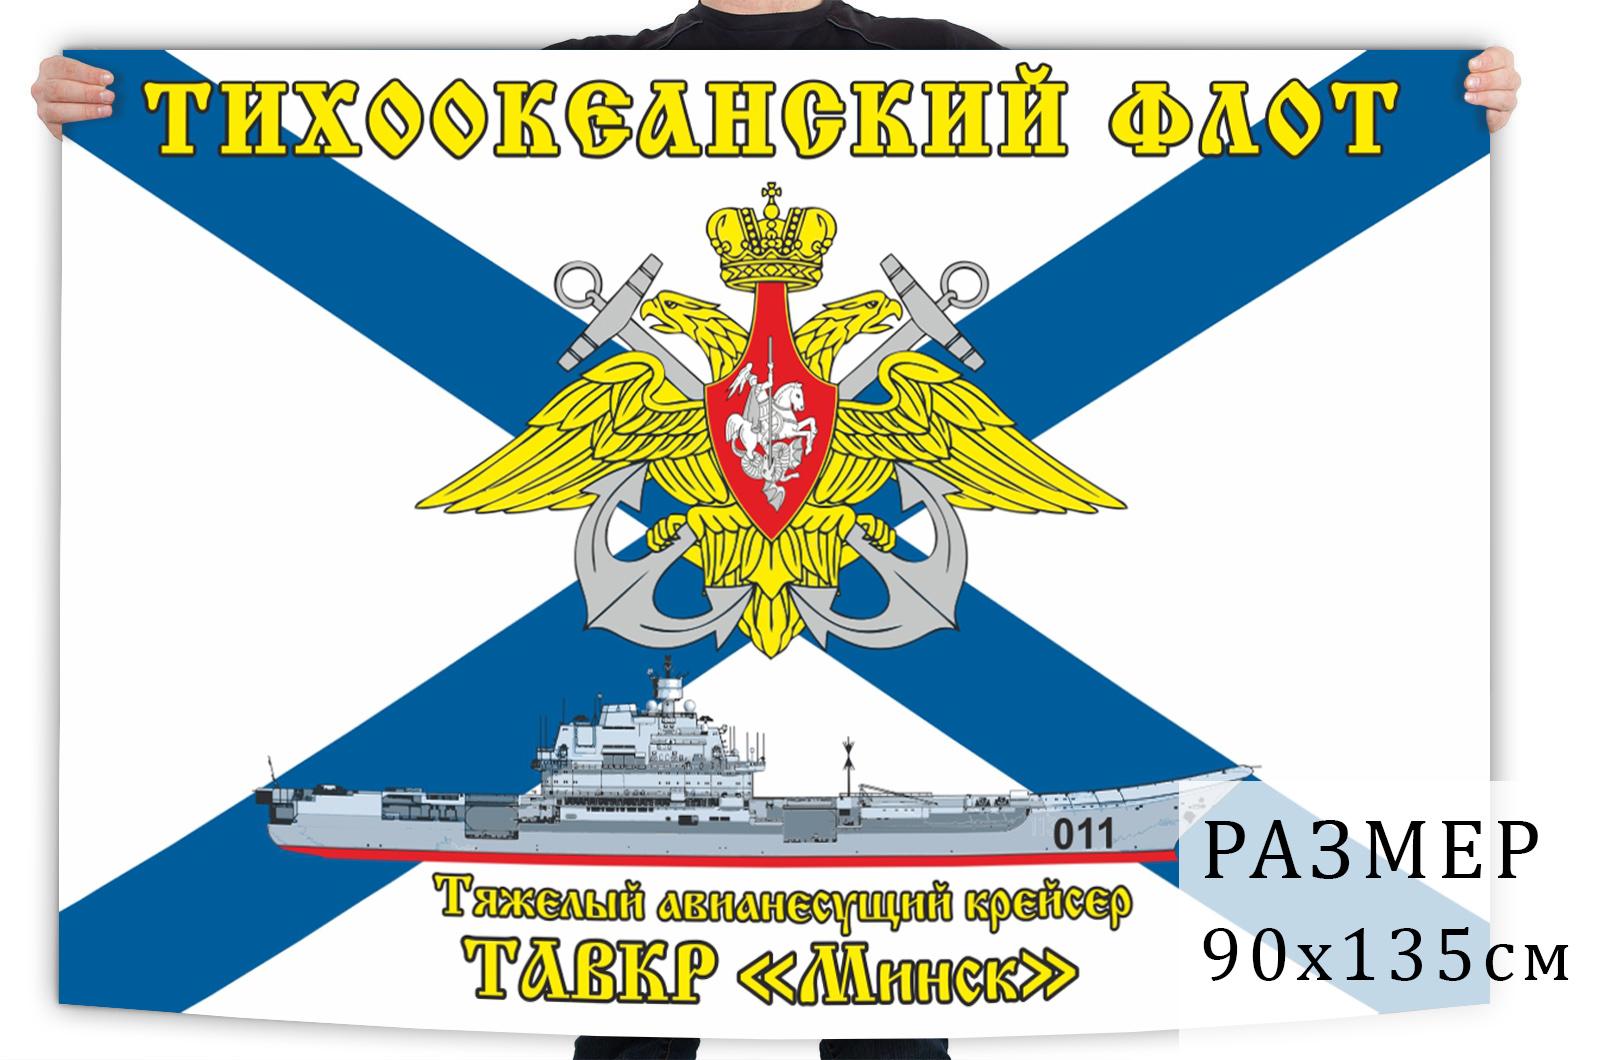 Недорогие флаги с символикой тяжёлого авианесущего крейсера Минск